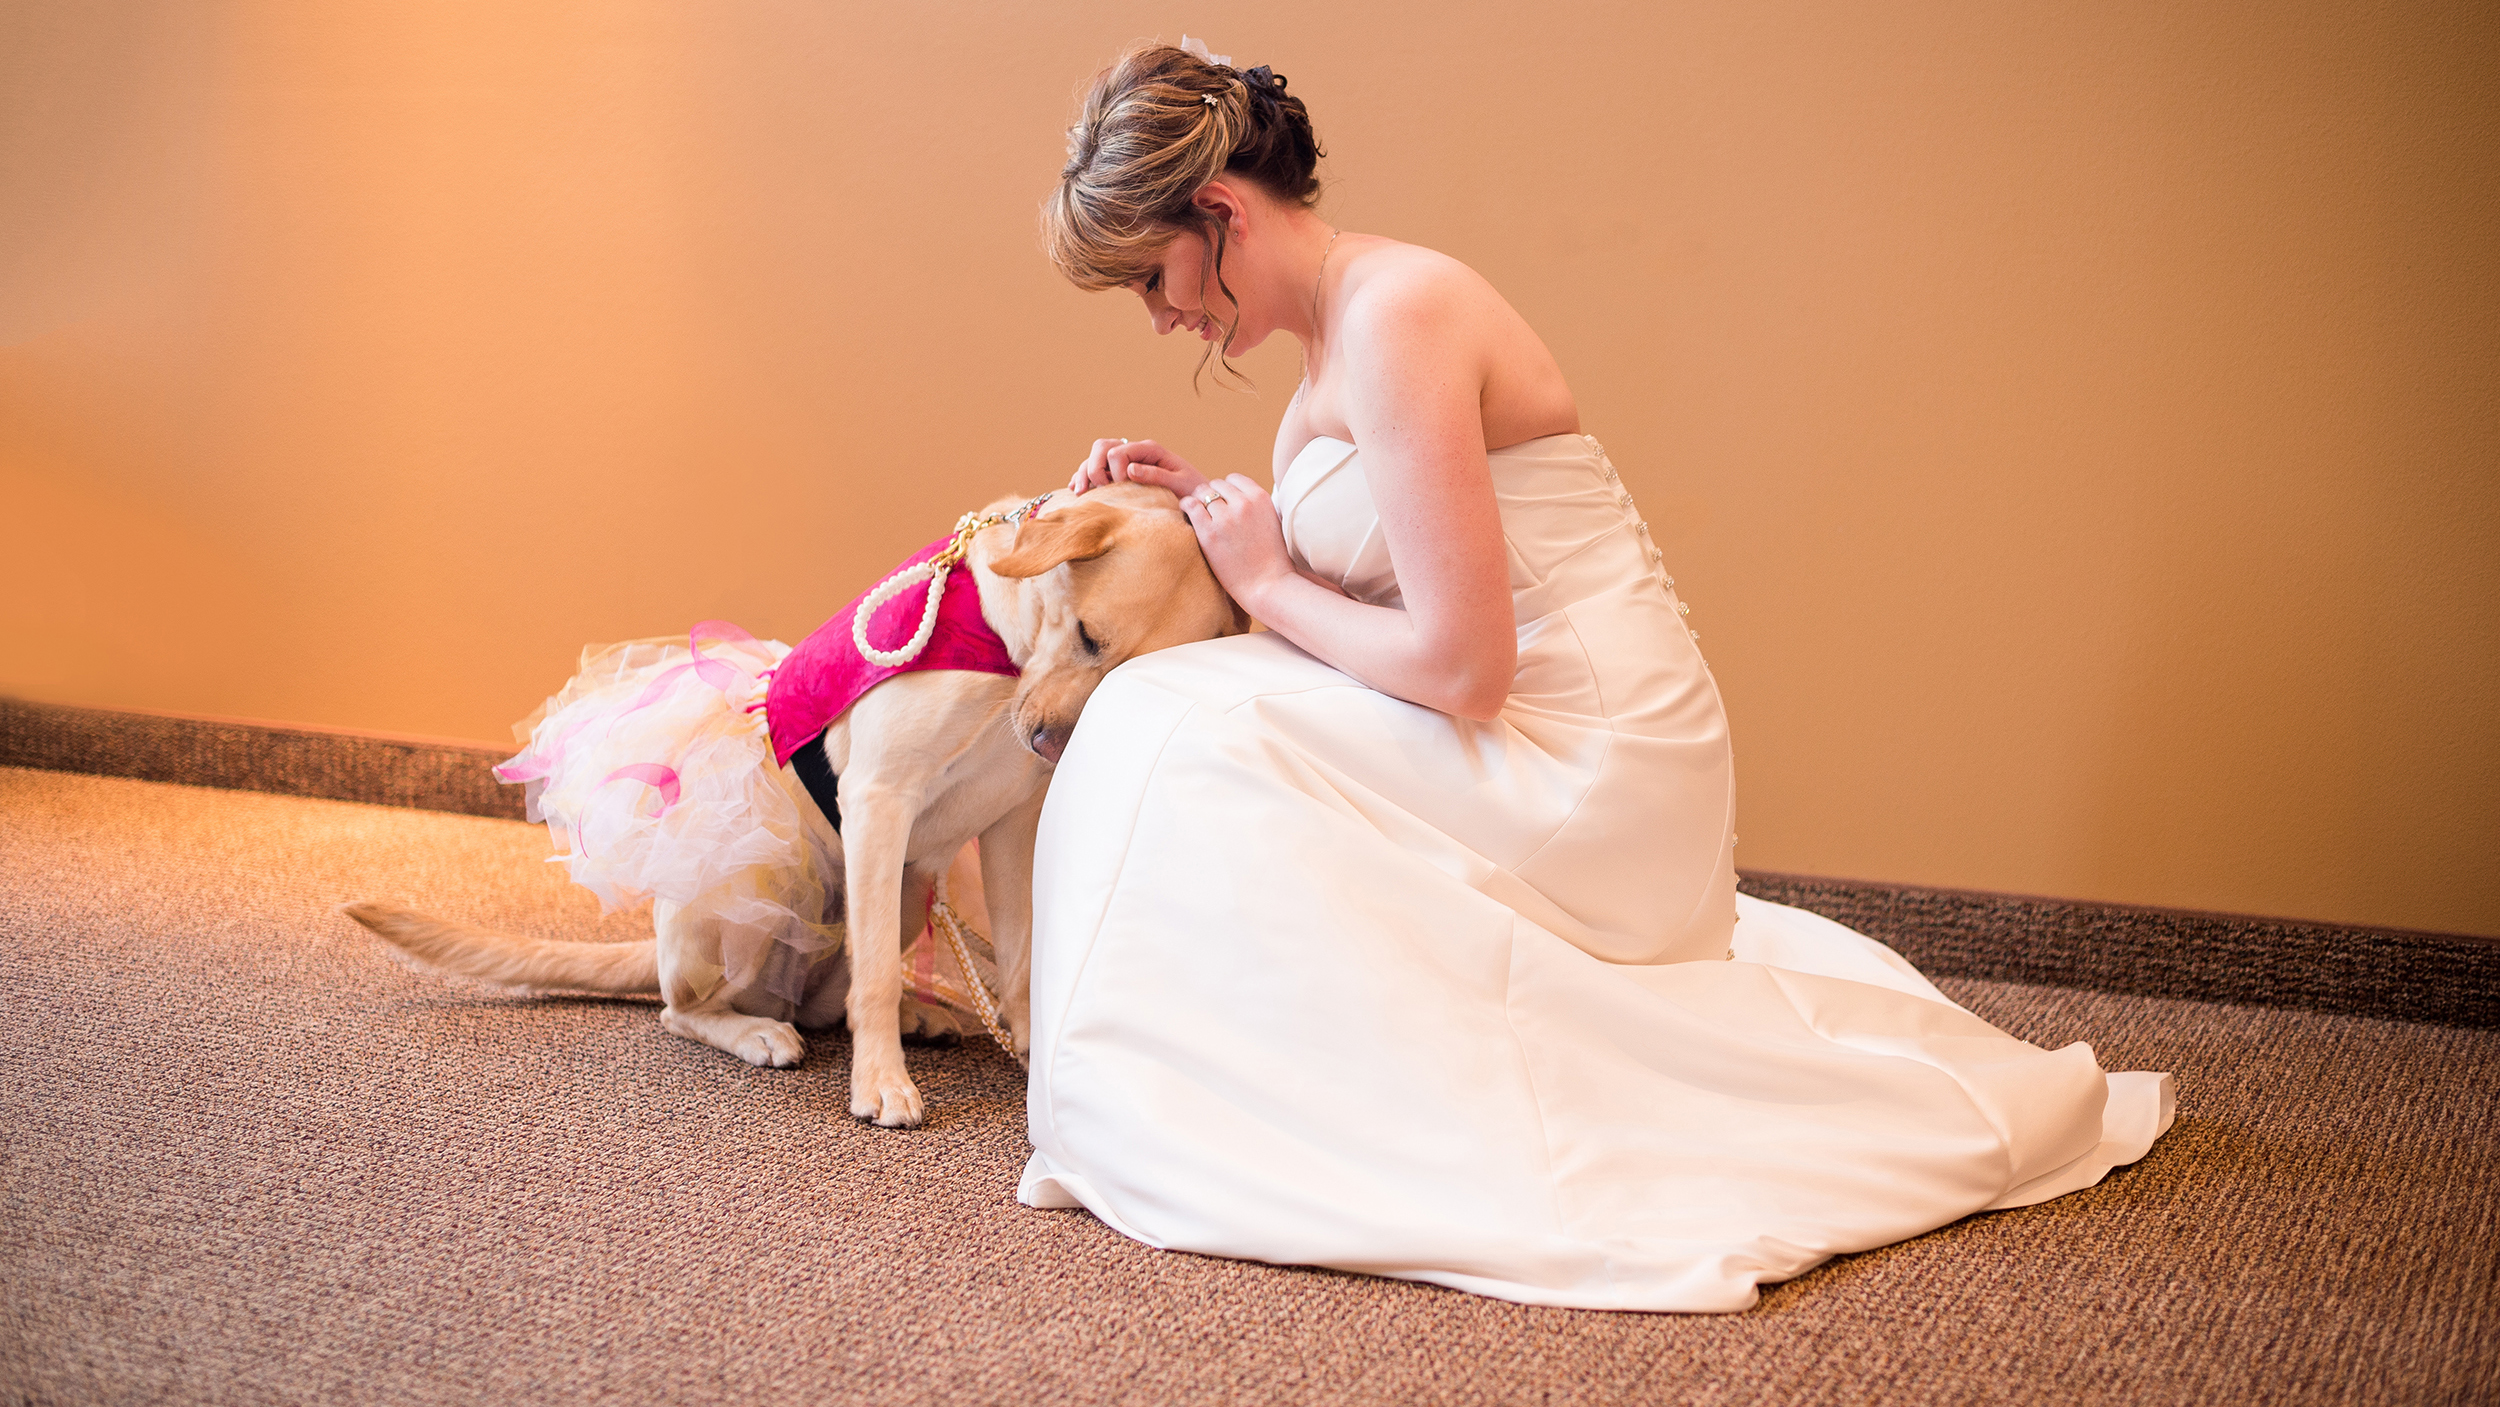 Heartwarming photo shows service dog calming bride before wedding